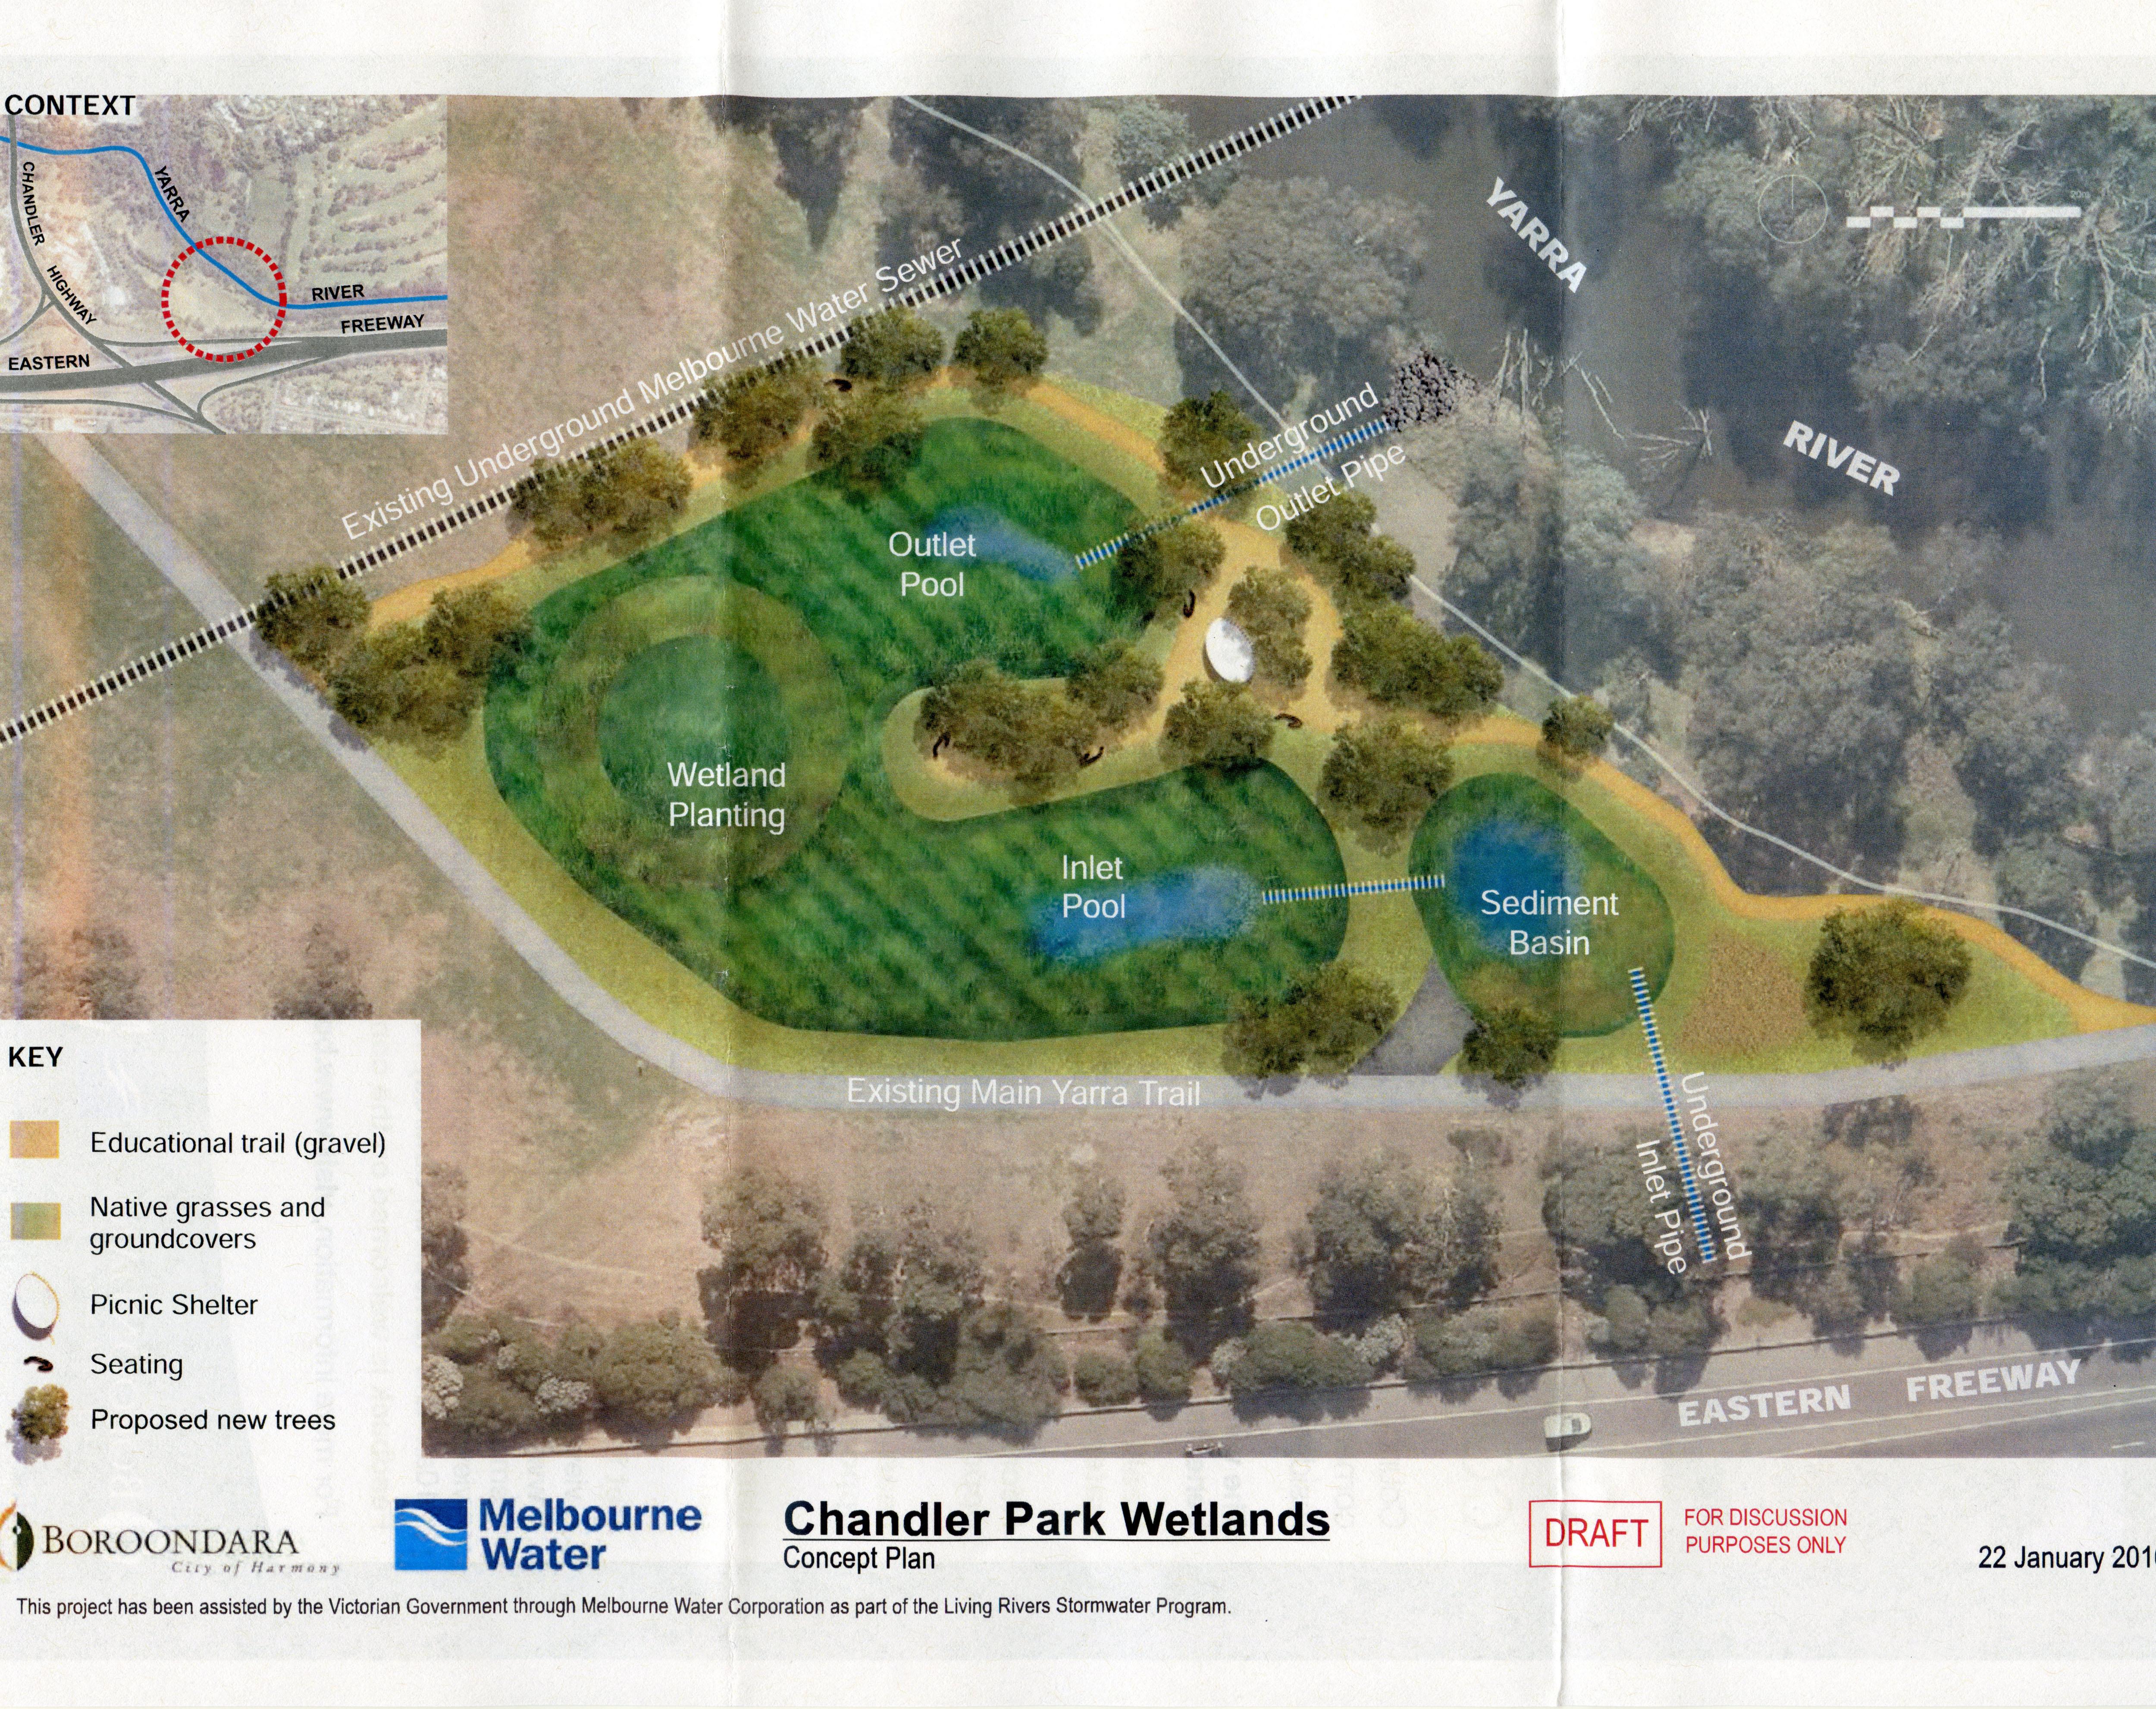 Chandler Wetlands No 4